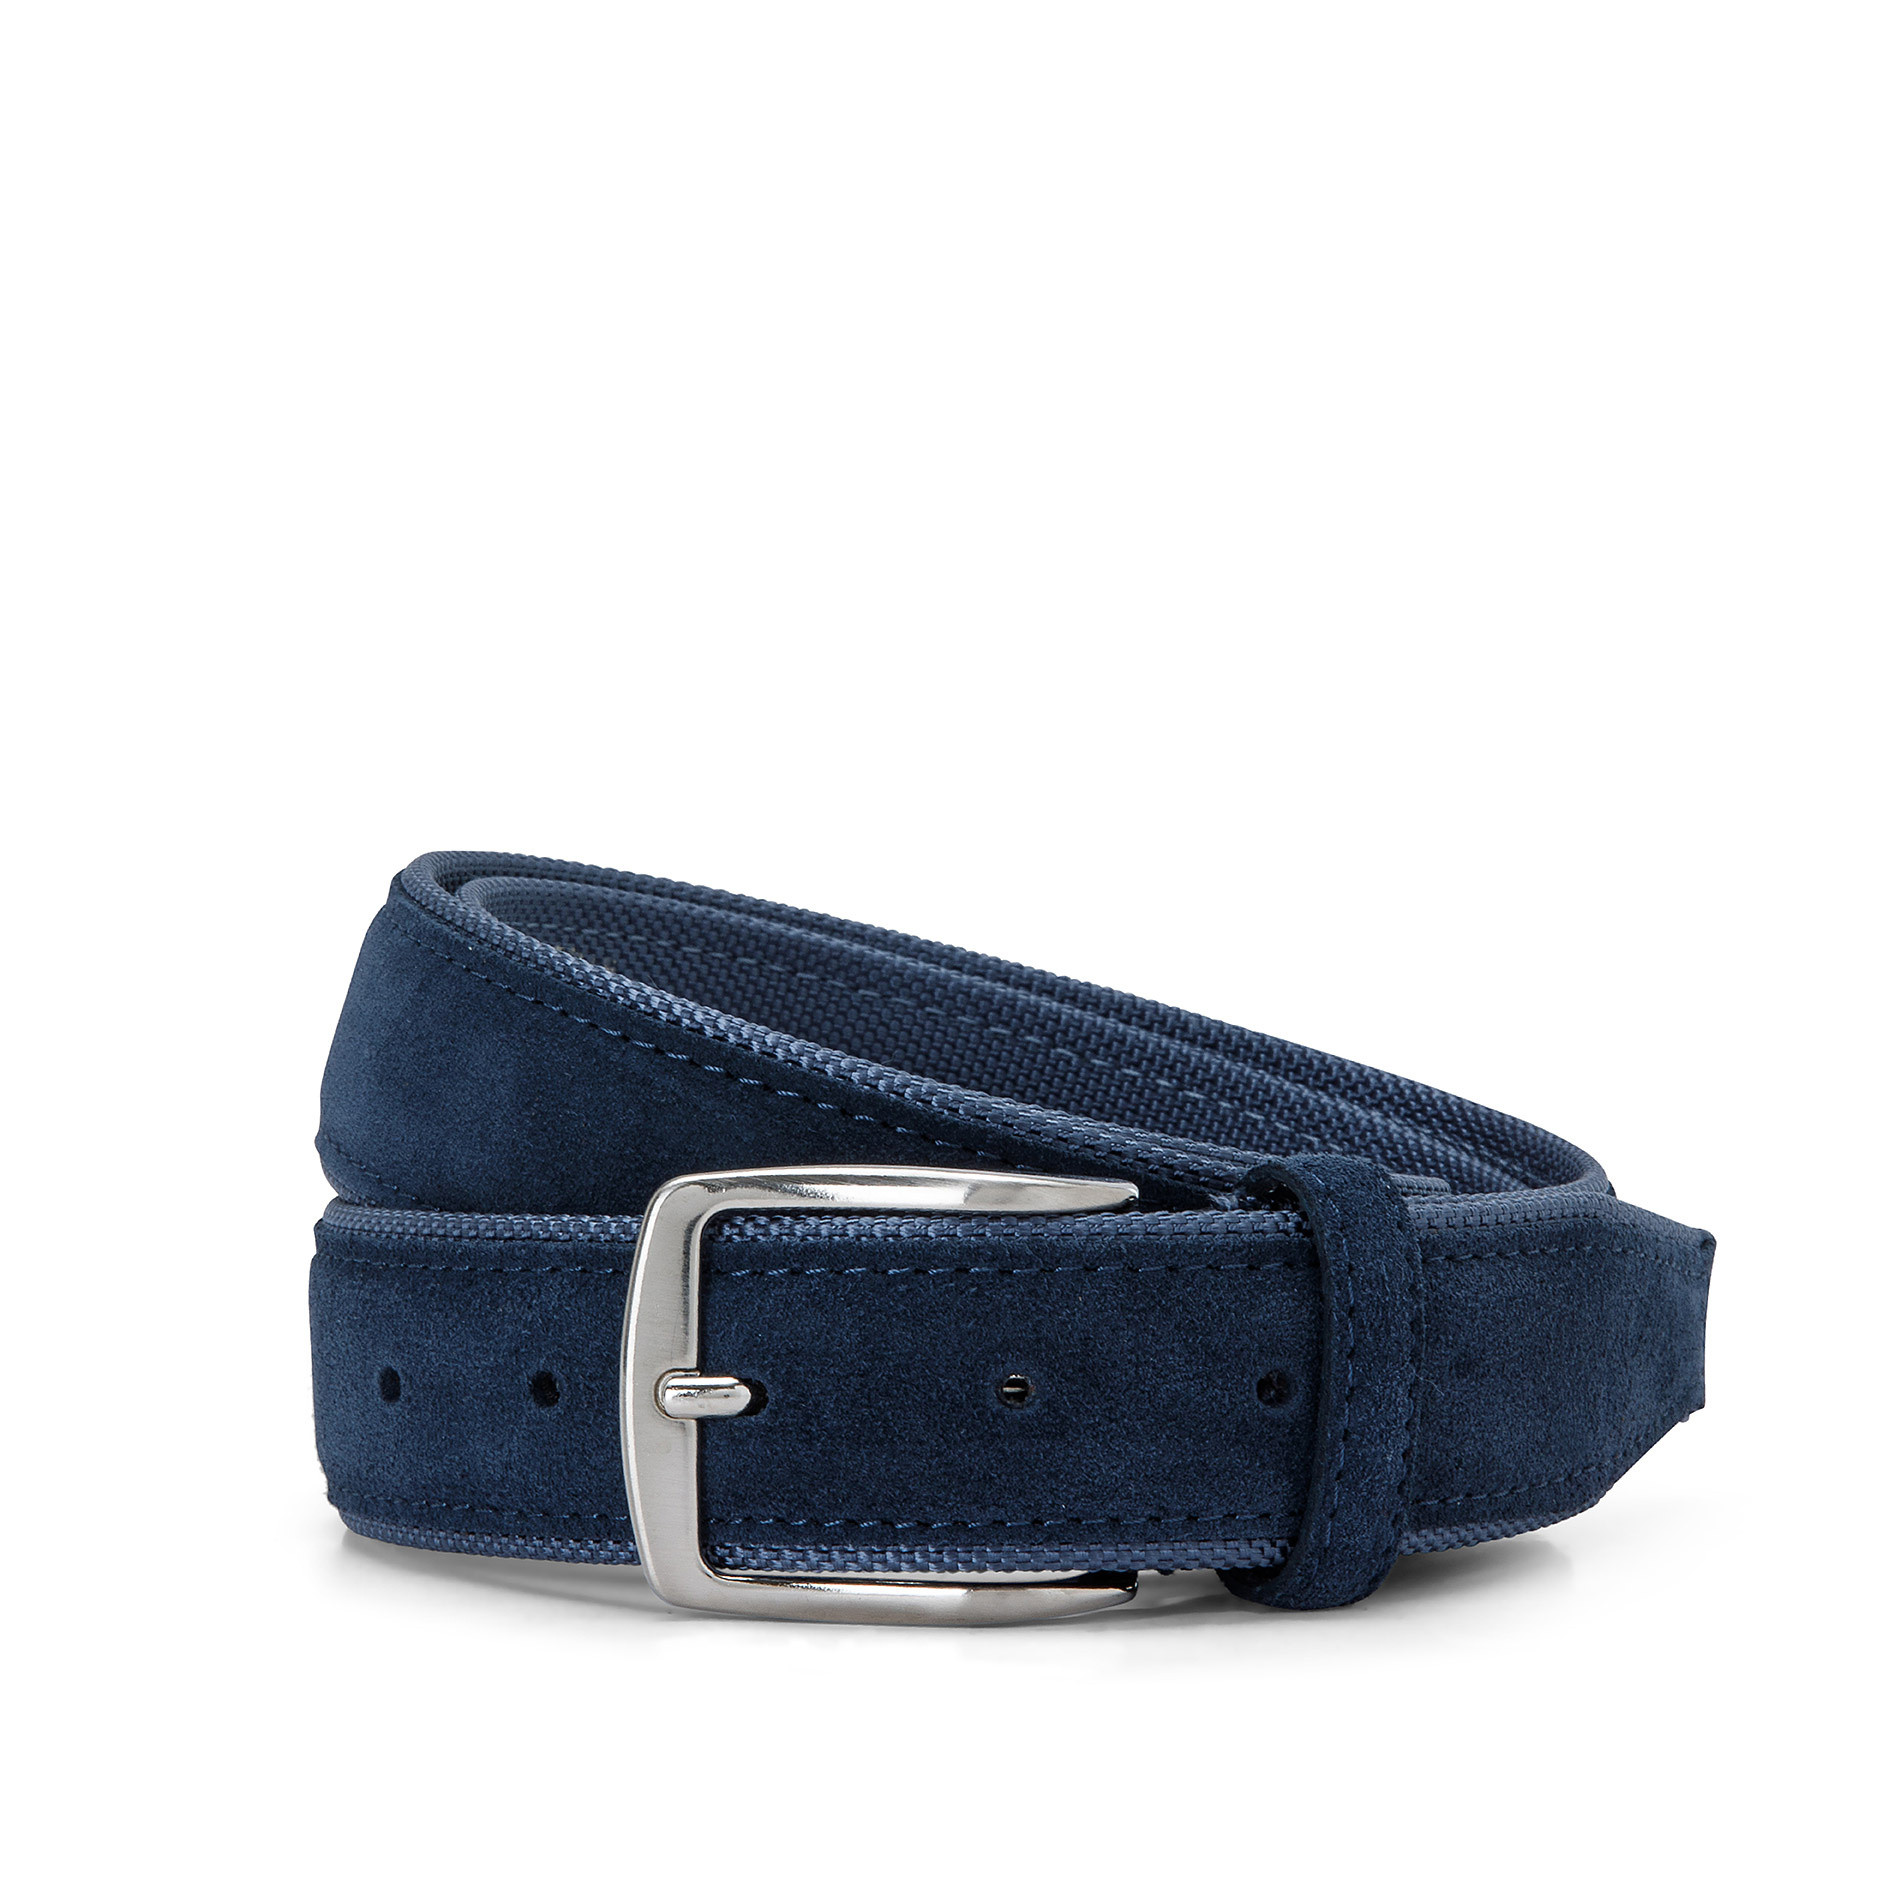 Cintura misto pelle Luca D'Altieri, Blu scuro, large image number 0